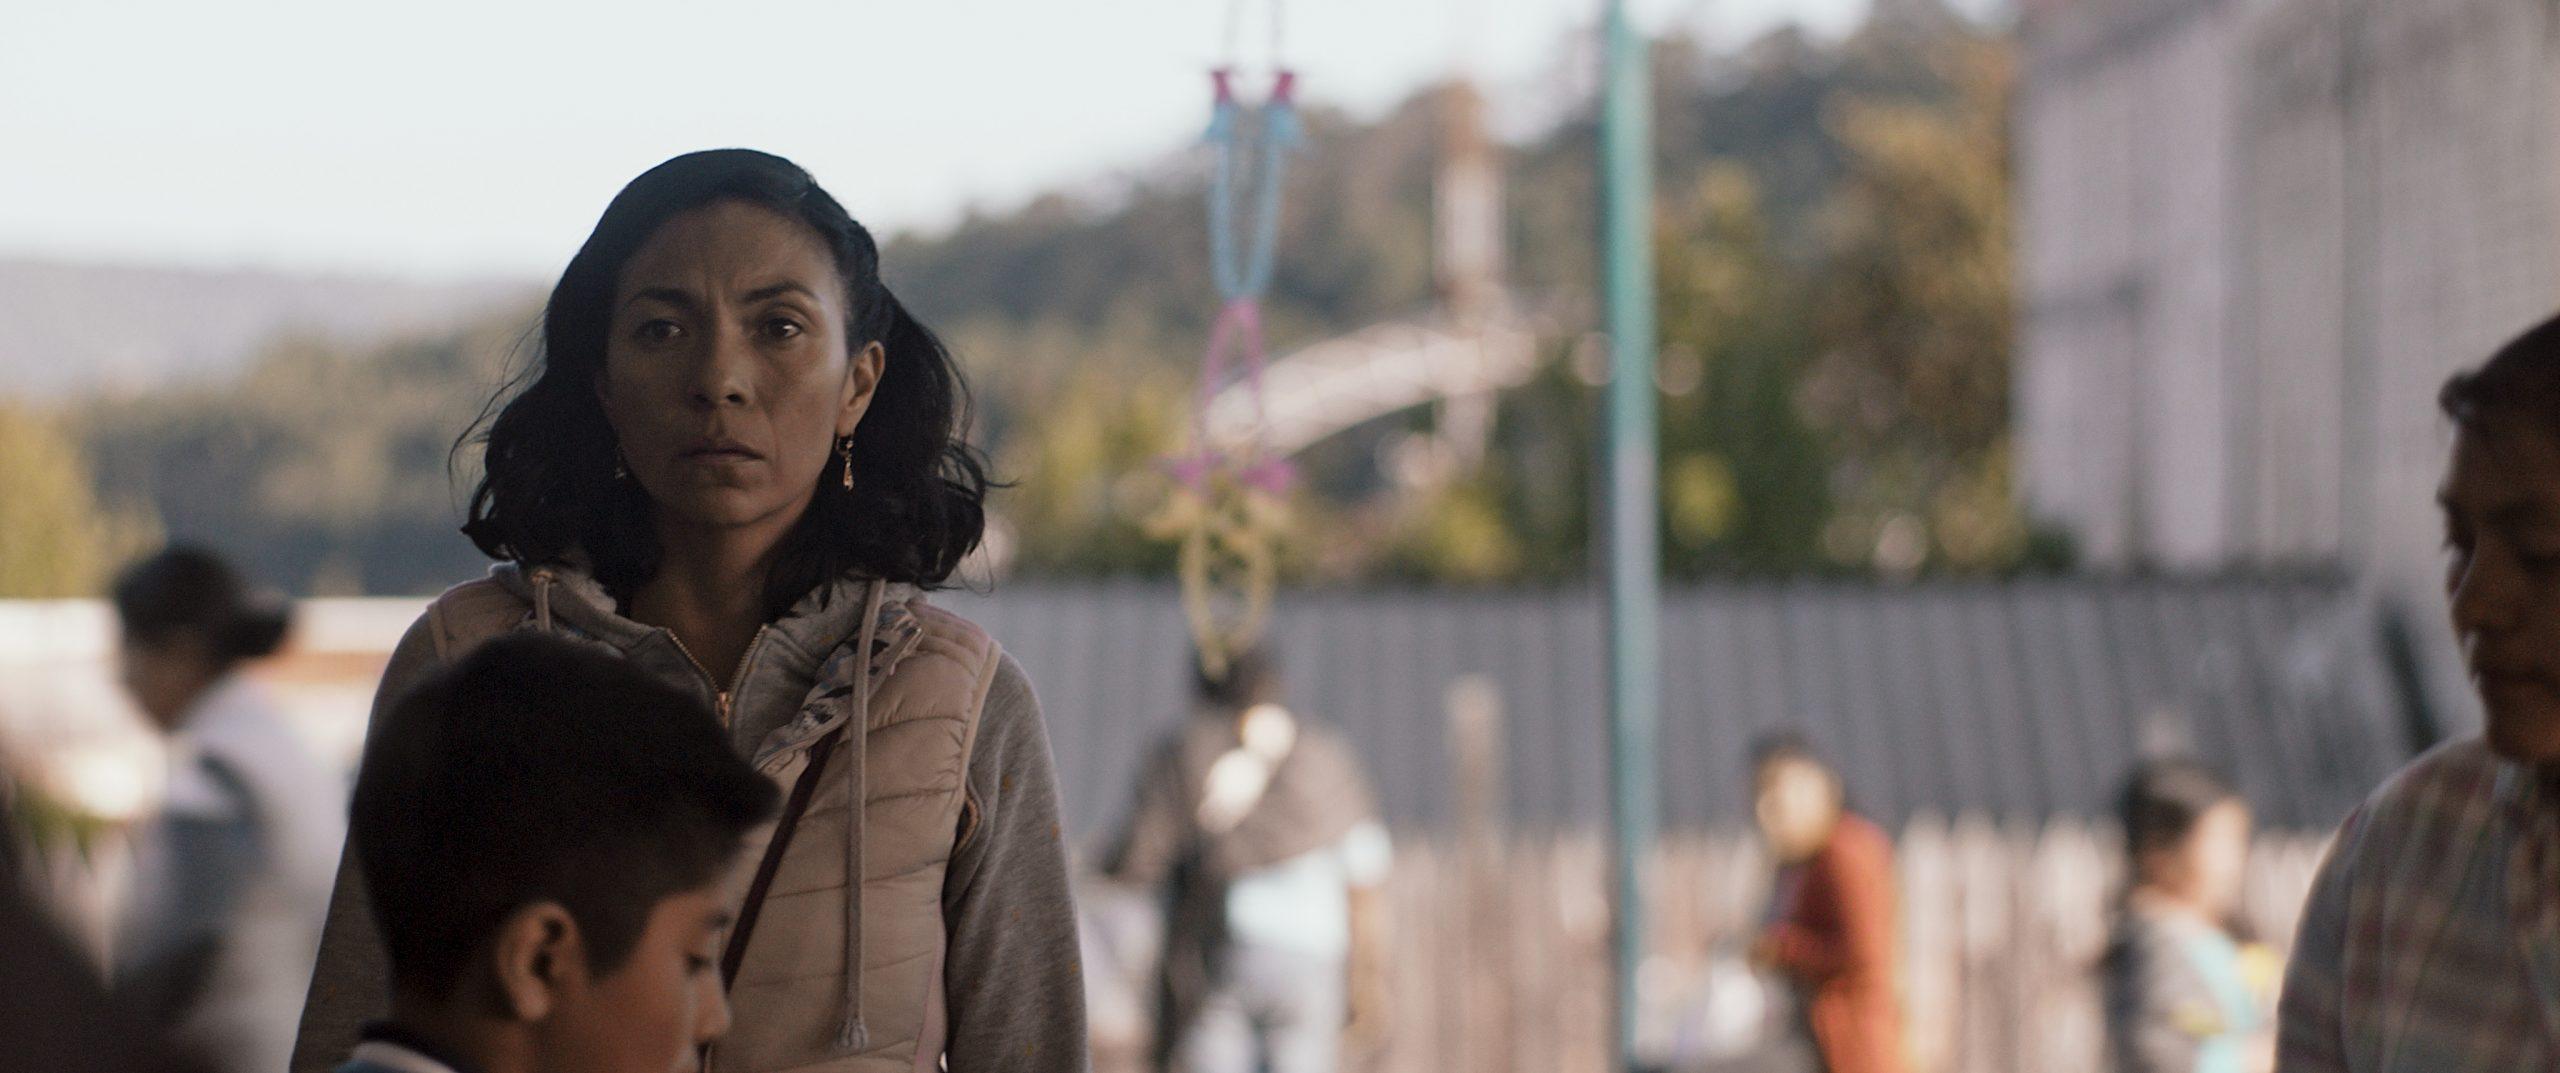 Directora de «Nudo mixteco» y su estreno en Chile : «Me interesa abordar el gozo y el lesbianismo en las comunidades»